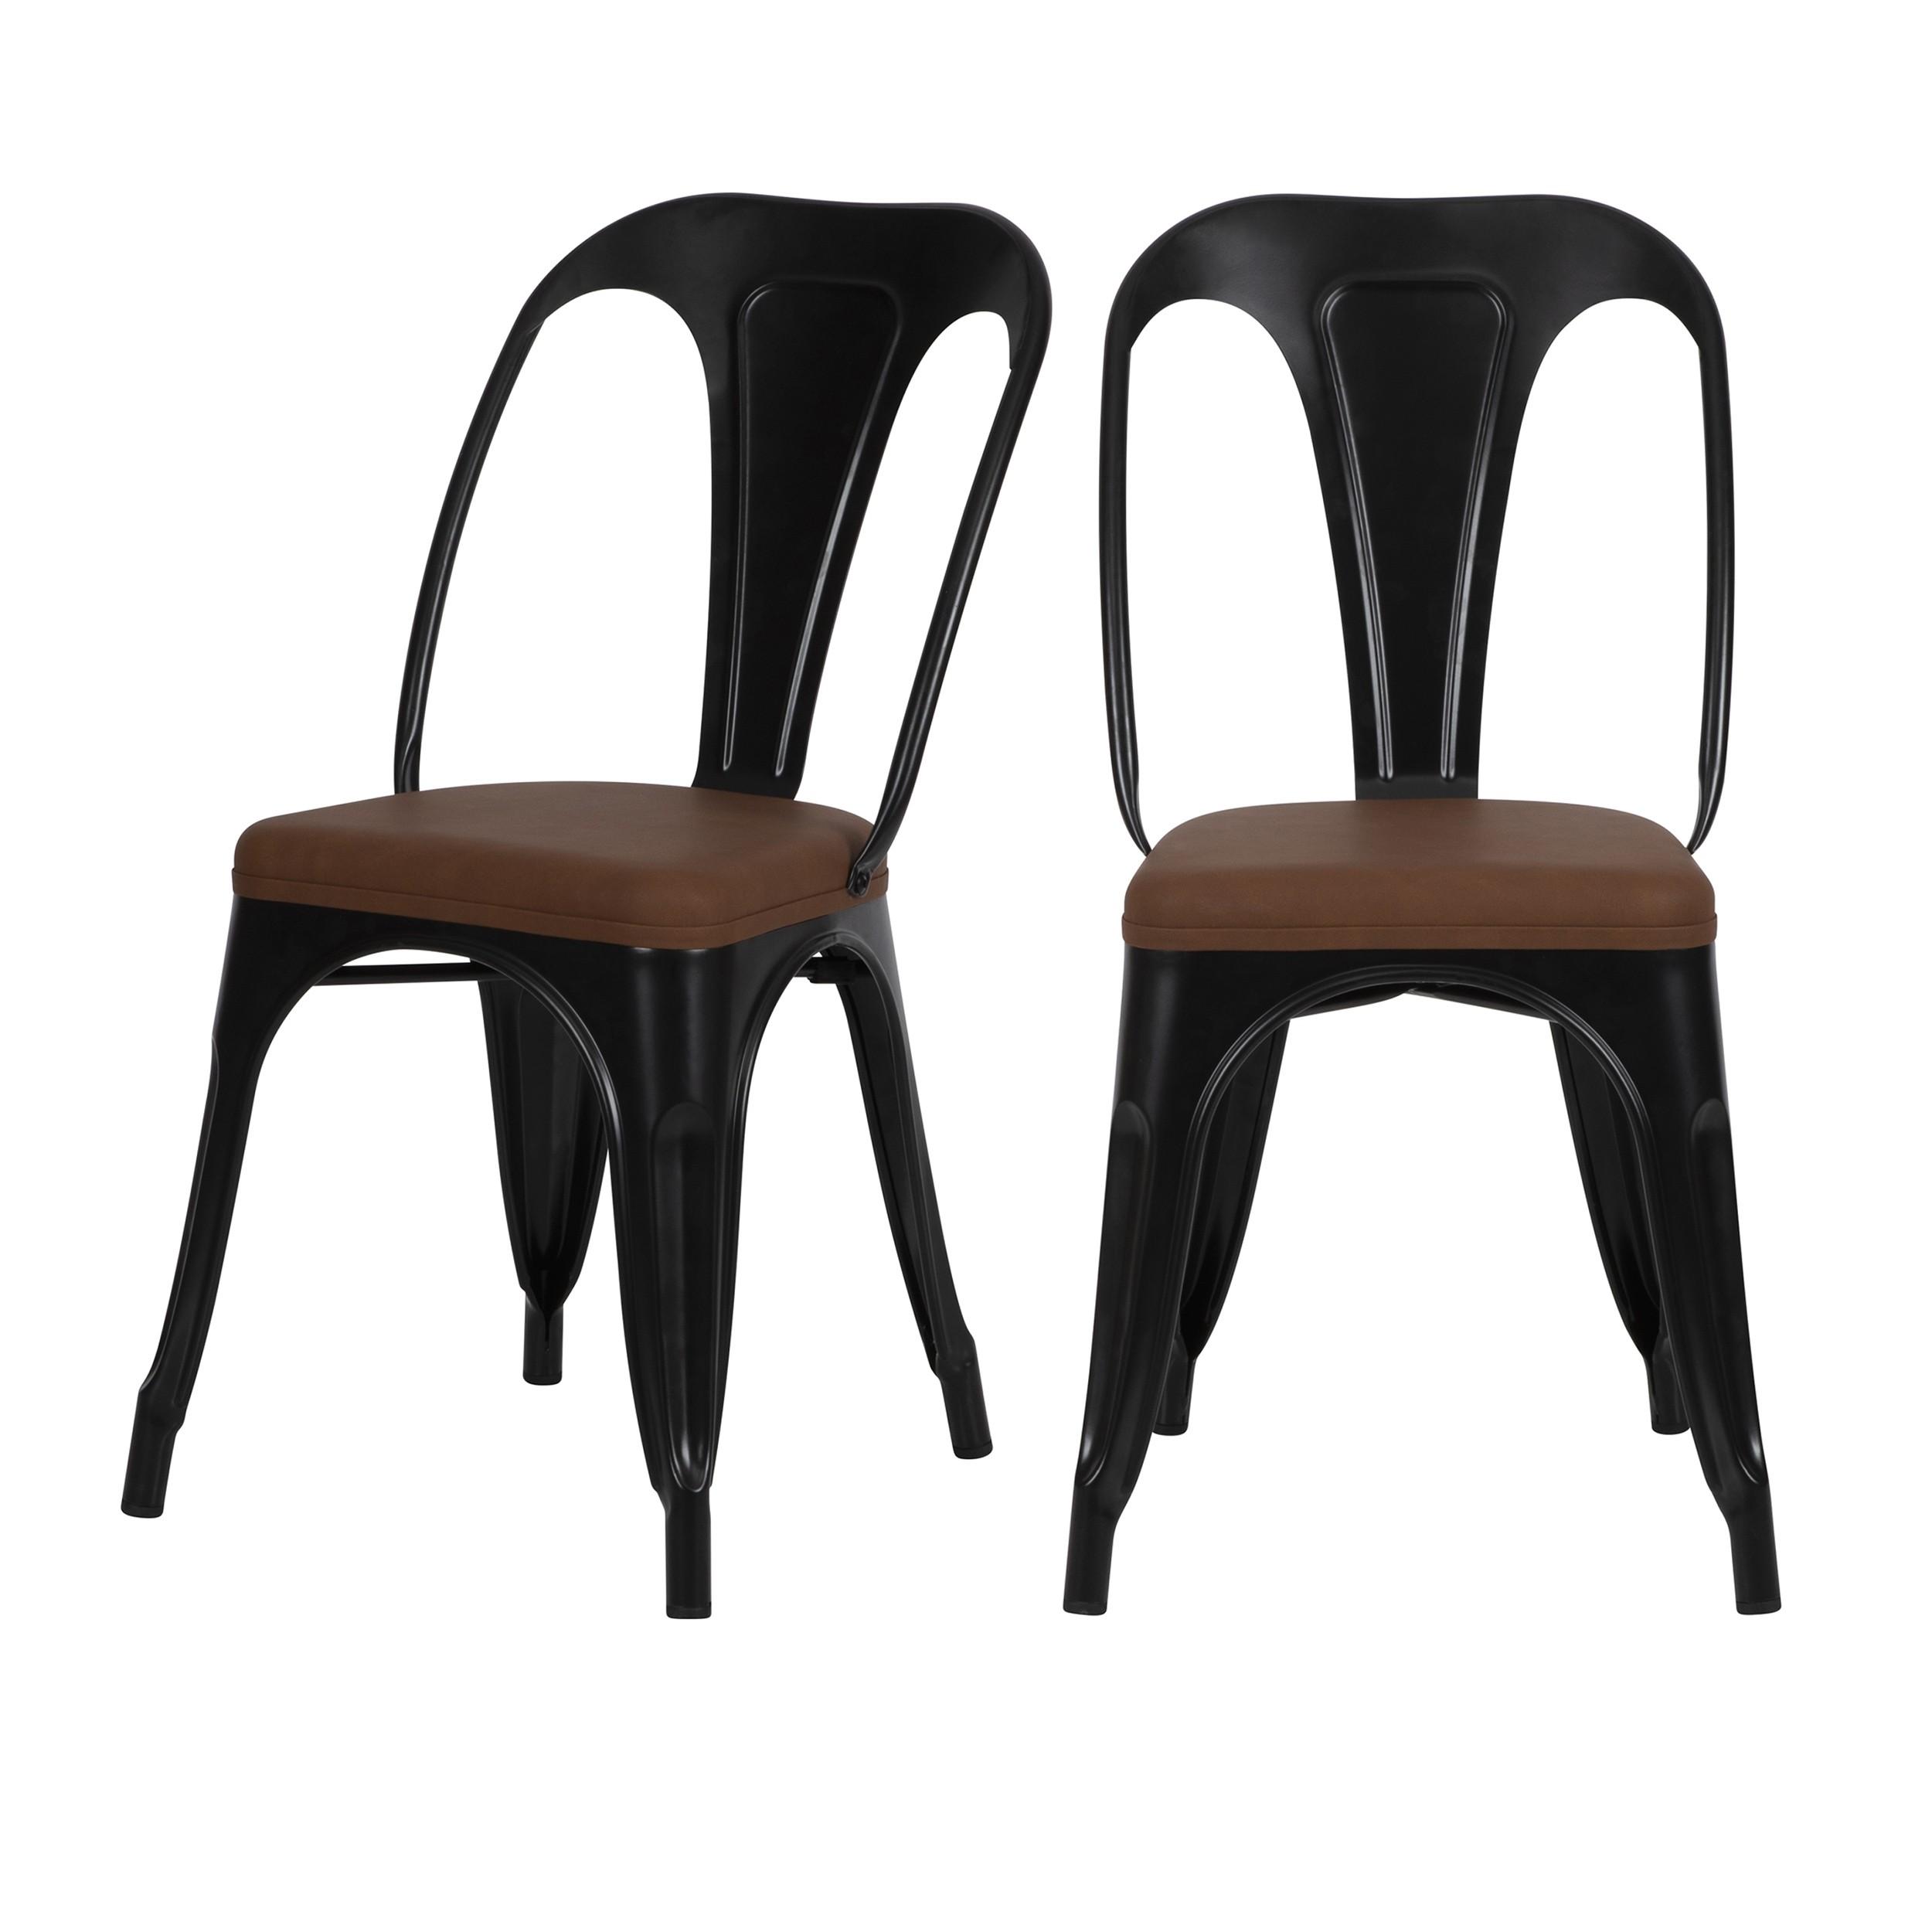 chaise indus charly noire lot de 2